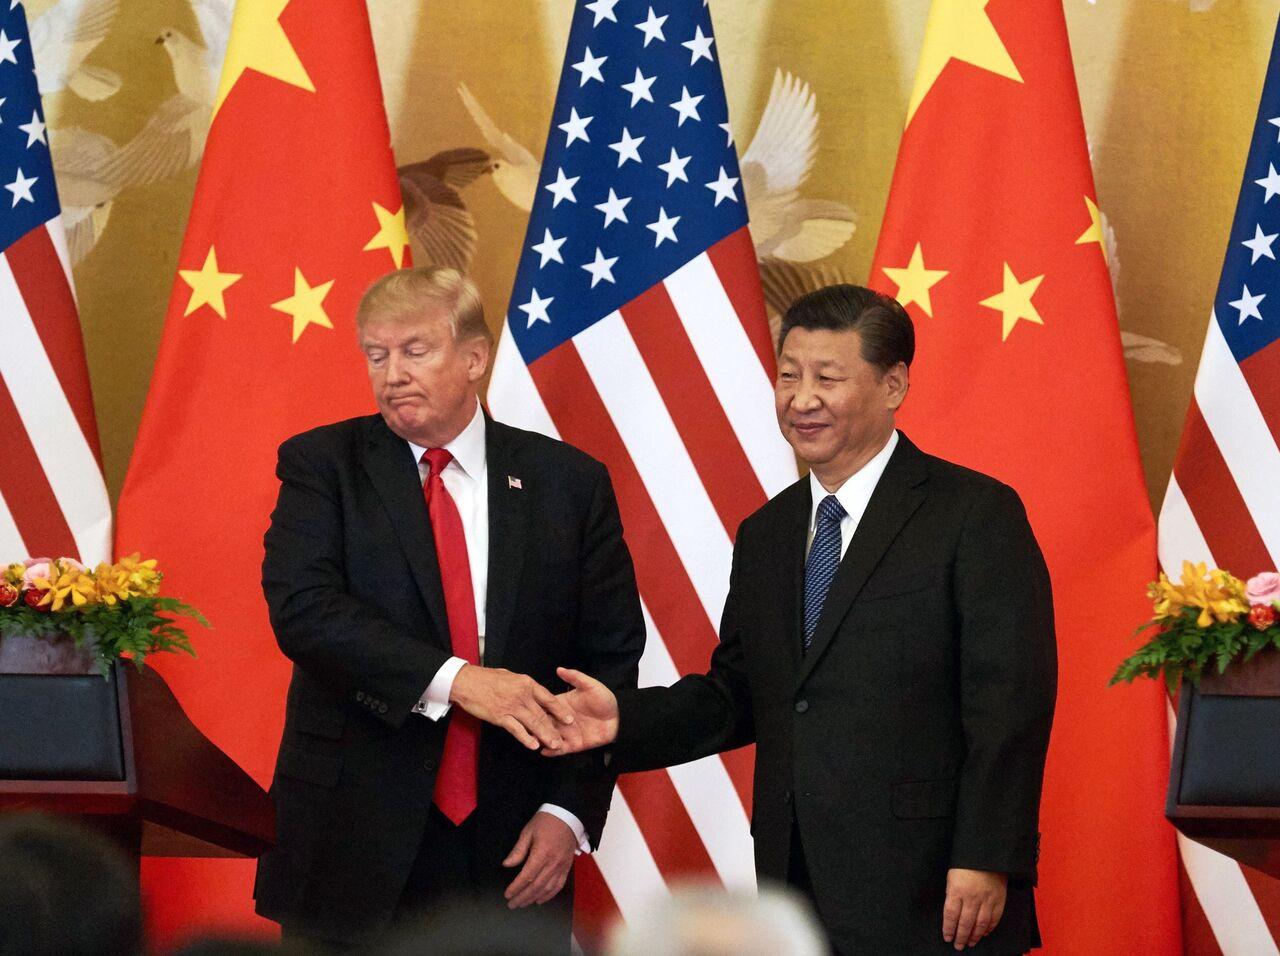 گلوبال تایمز: آرزوی پیوستن چین به ائتلاف دریایی آمریکا خیال خام است